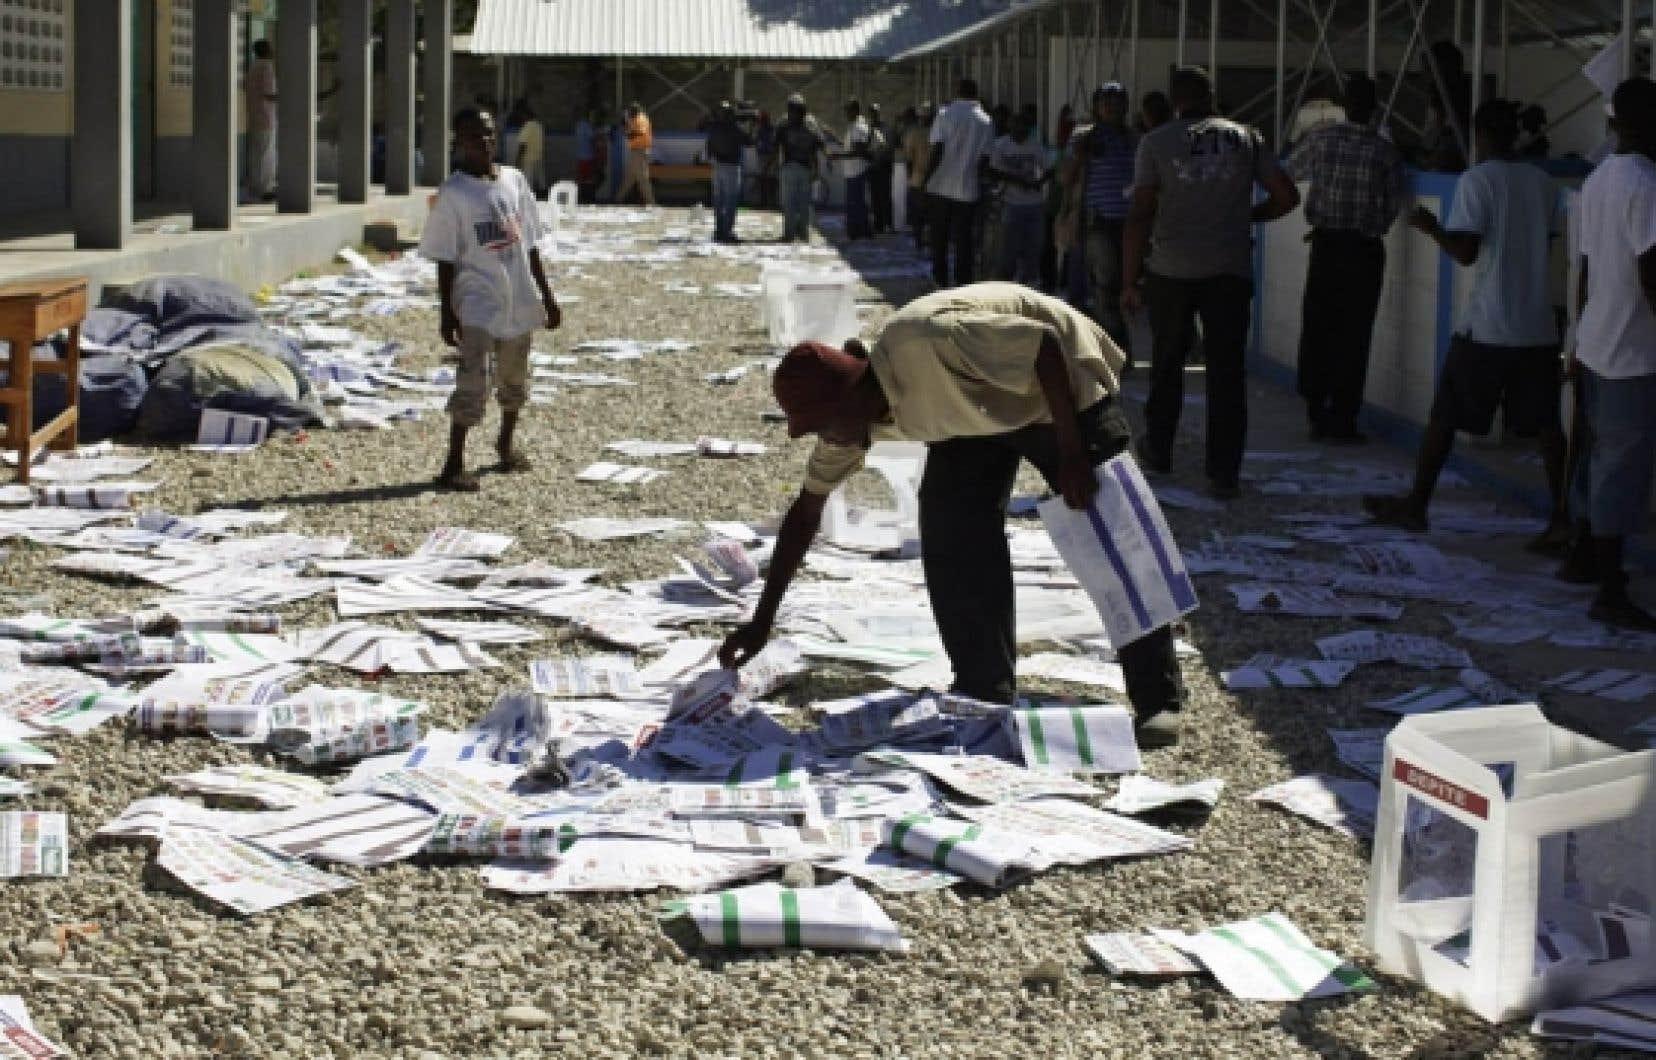 Un homme ramasse des bulletins de vote après que des électeurs, mécontents de ne pas trouver leurs noms sur les listes, eurent saccagé un centre de vote à Port-au-Prince, hier, jour d'élections législatives et présidentielle. Le scrutin a été annulé dans 56 des 1500 bureaux de vote en raison de violences.<br />